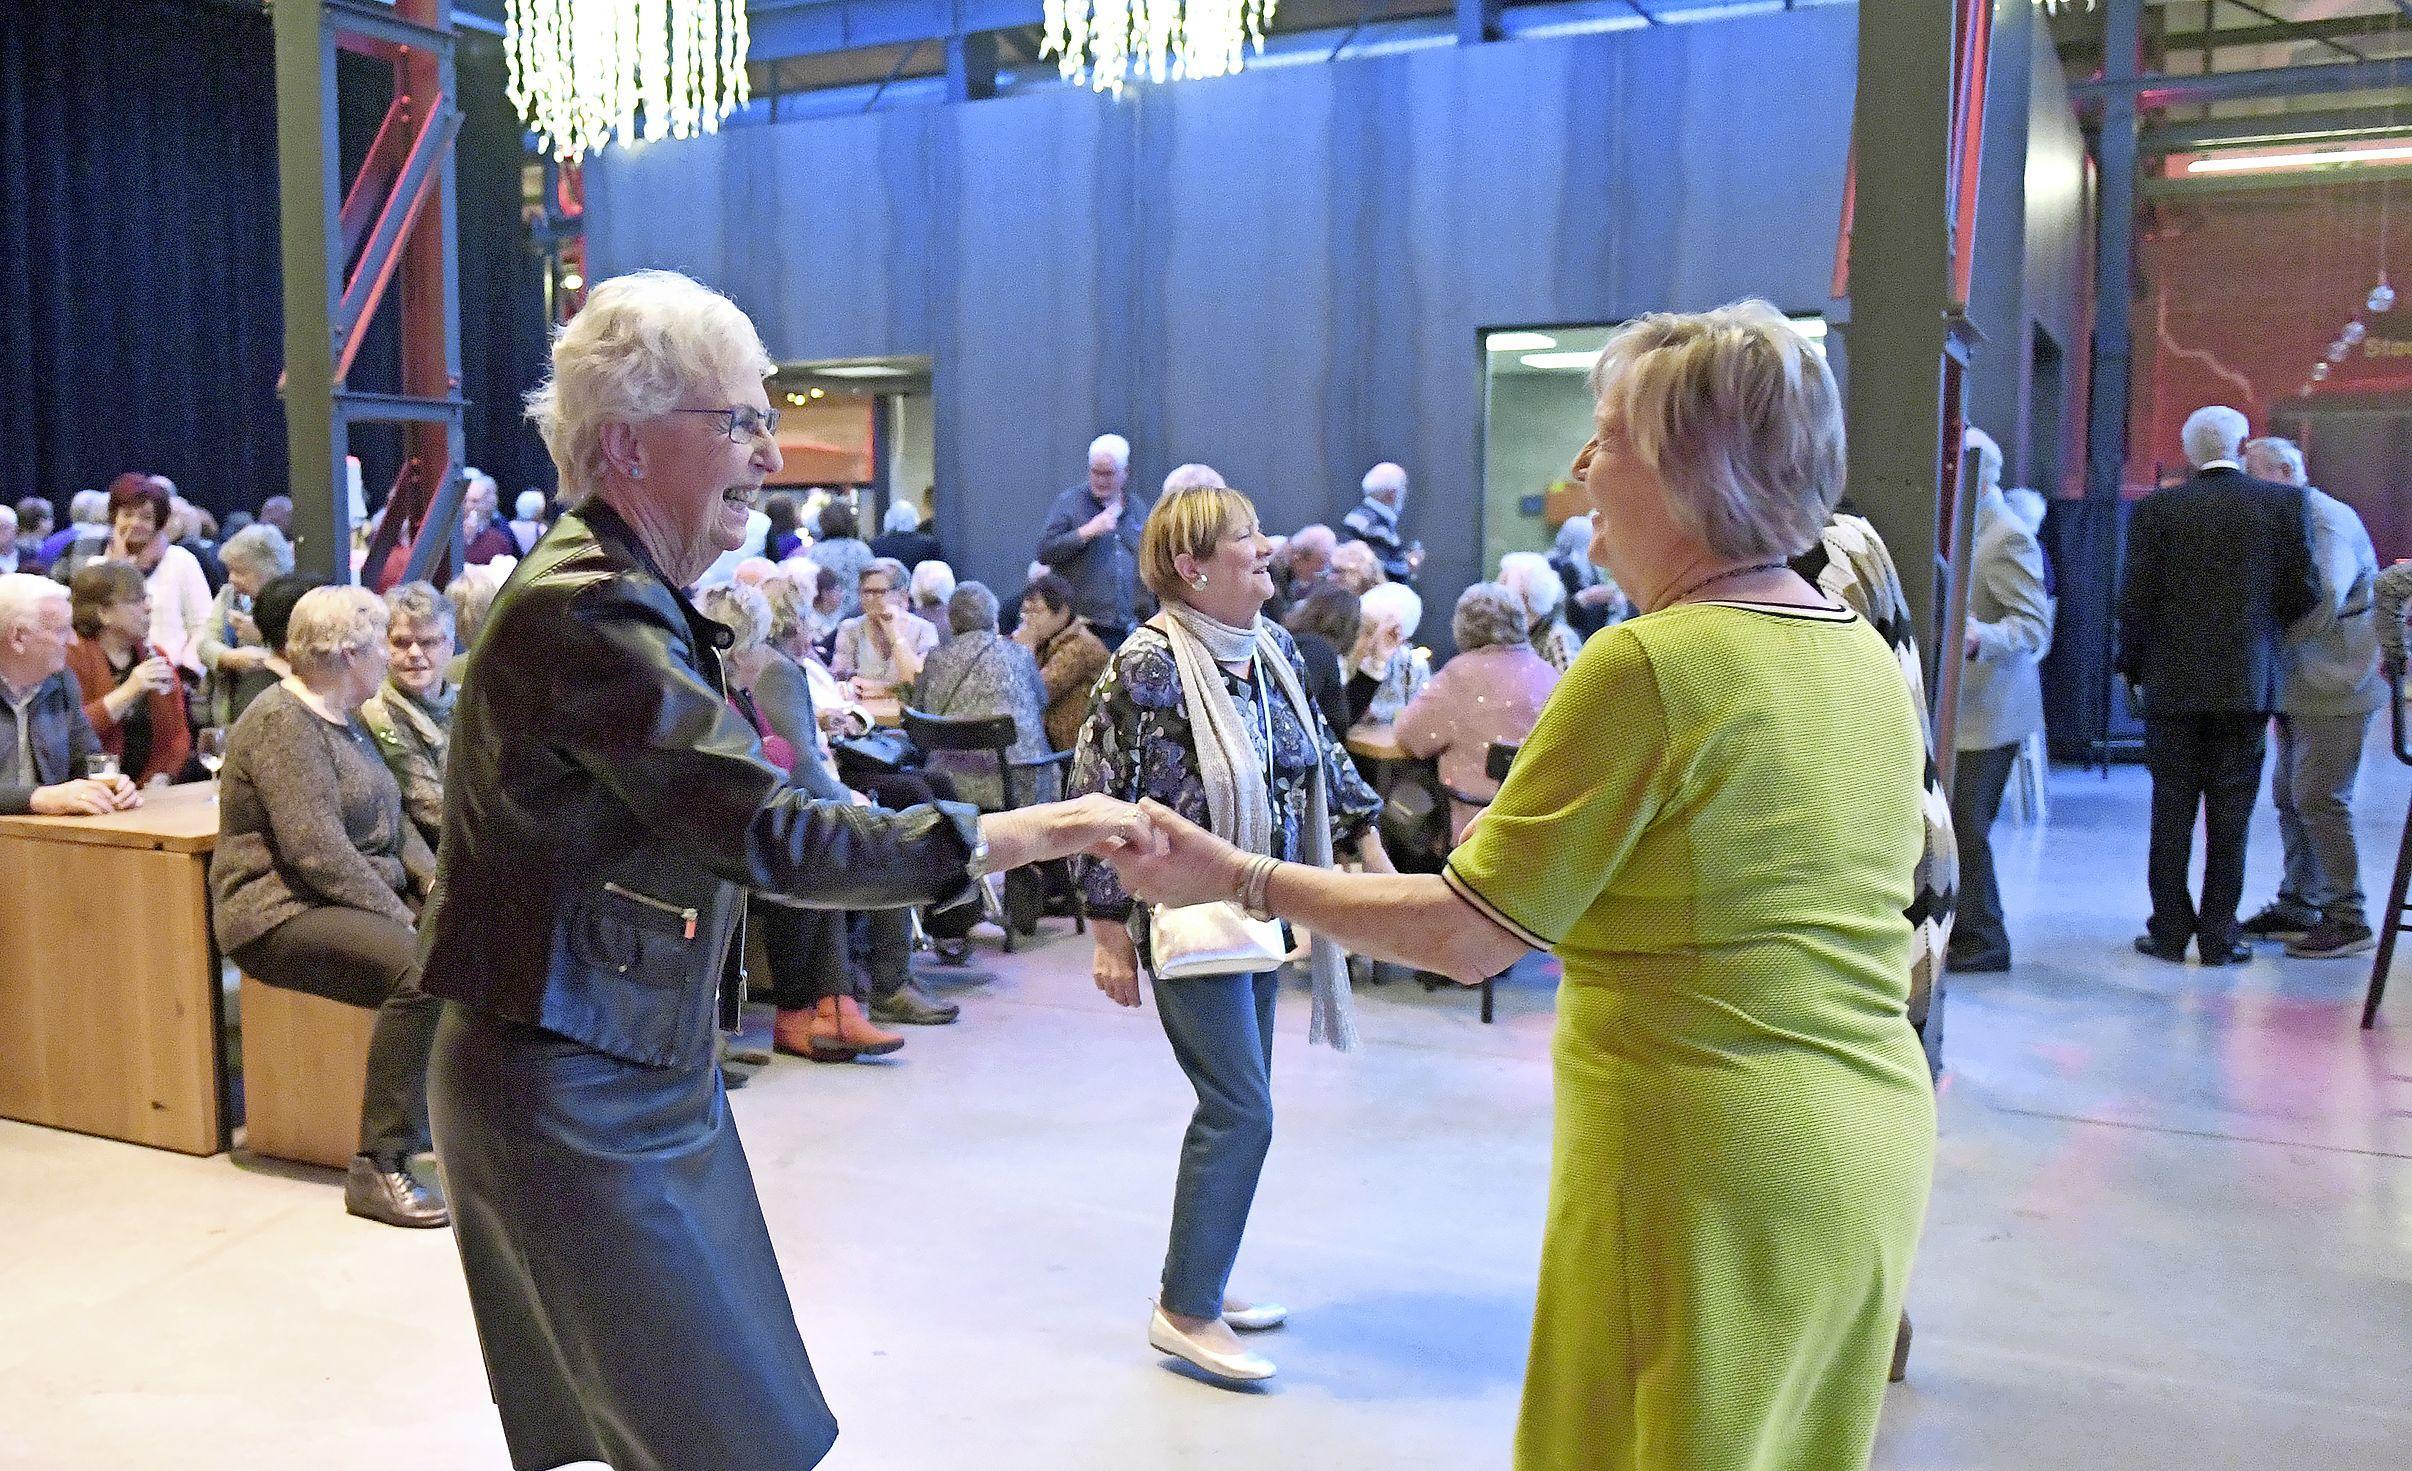 Einde van een tijdperk: de Seniorenmiddag in Den Helder stopt. Het wordt te duur en de organisatoren worden te oud. 'Het gaat gewoon niet meer'